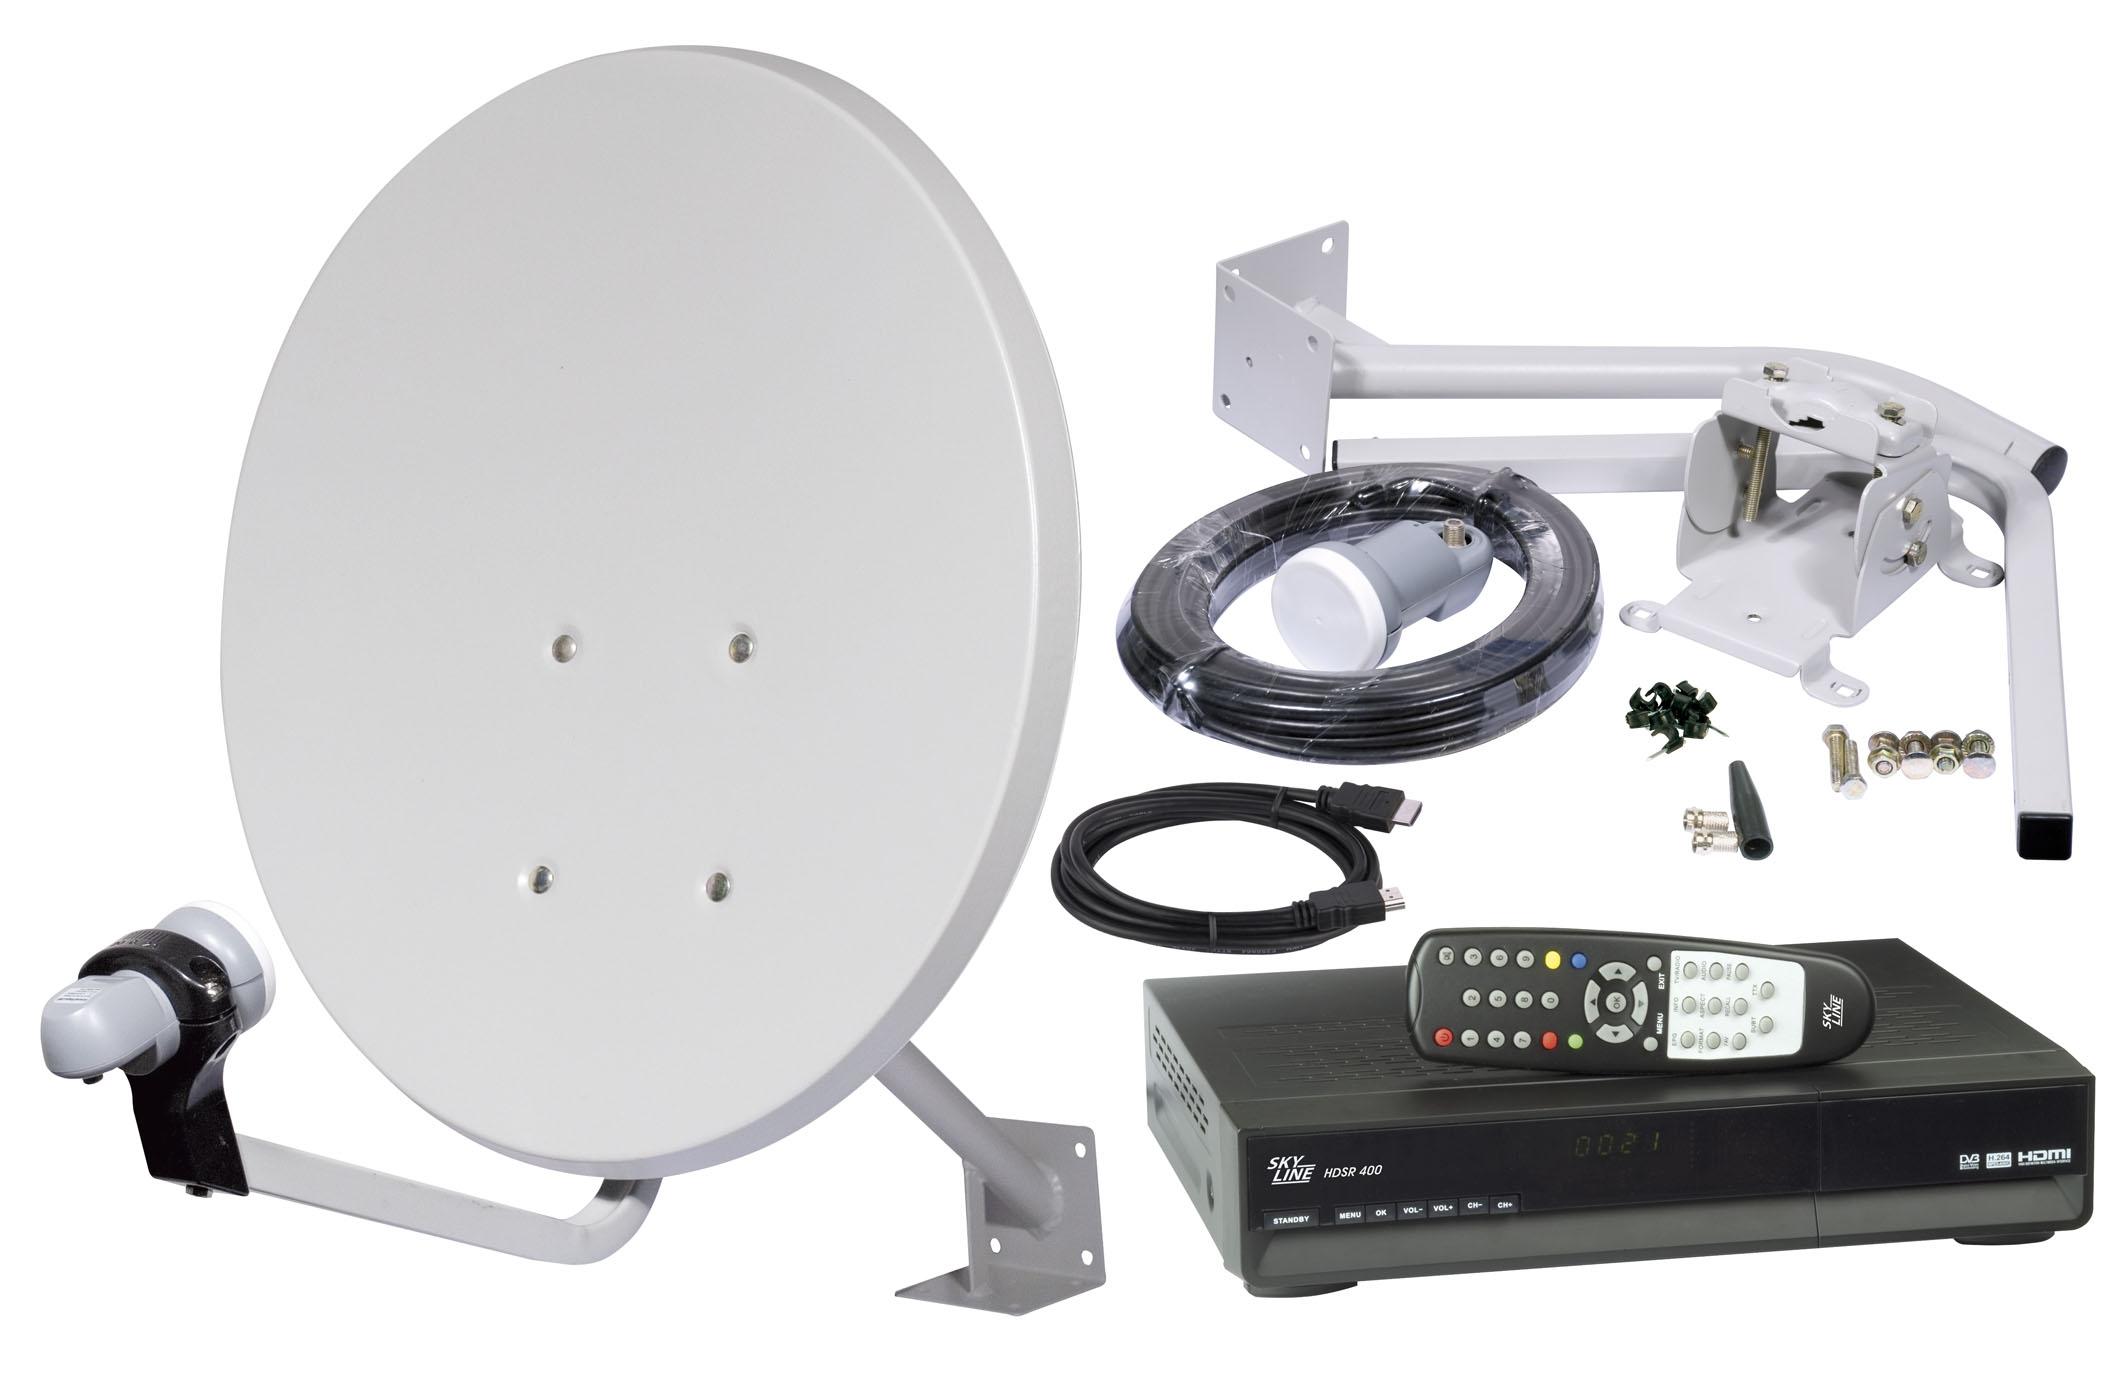 Спутниковое телевидение своими руками фото